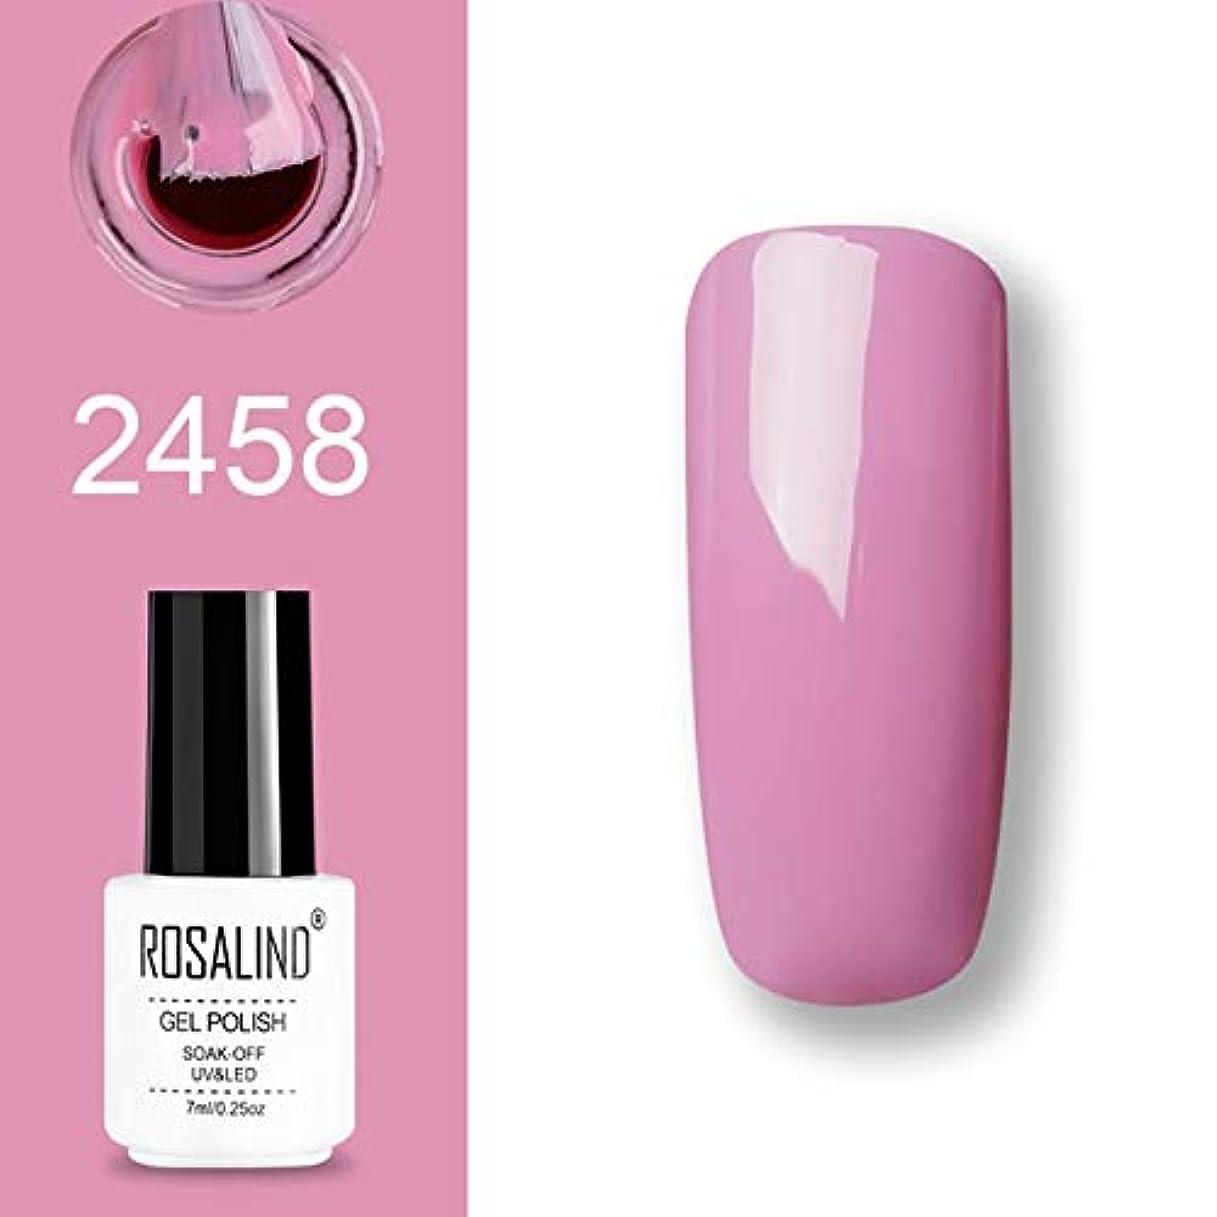 見る圧倒する均等にファッションアイテム ROSALINDジェルポリッシュセットUVセミパーマネントプライマートップコートポリジェルニスネイルアートマニキュアジェル、ピンク、容量:7ml 2458。 環境に優しいマニキュア